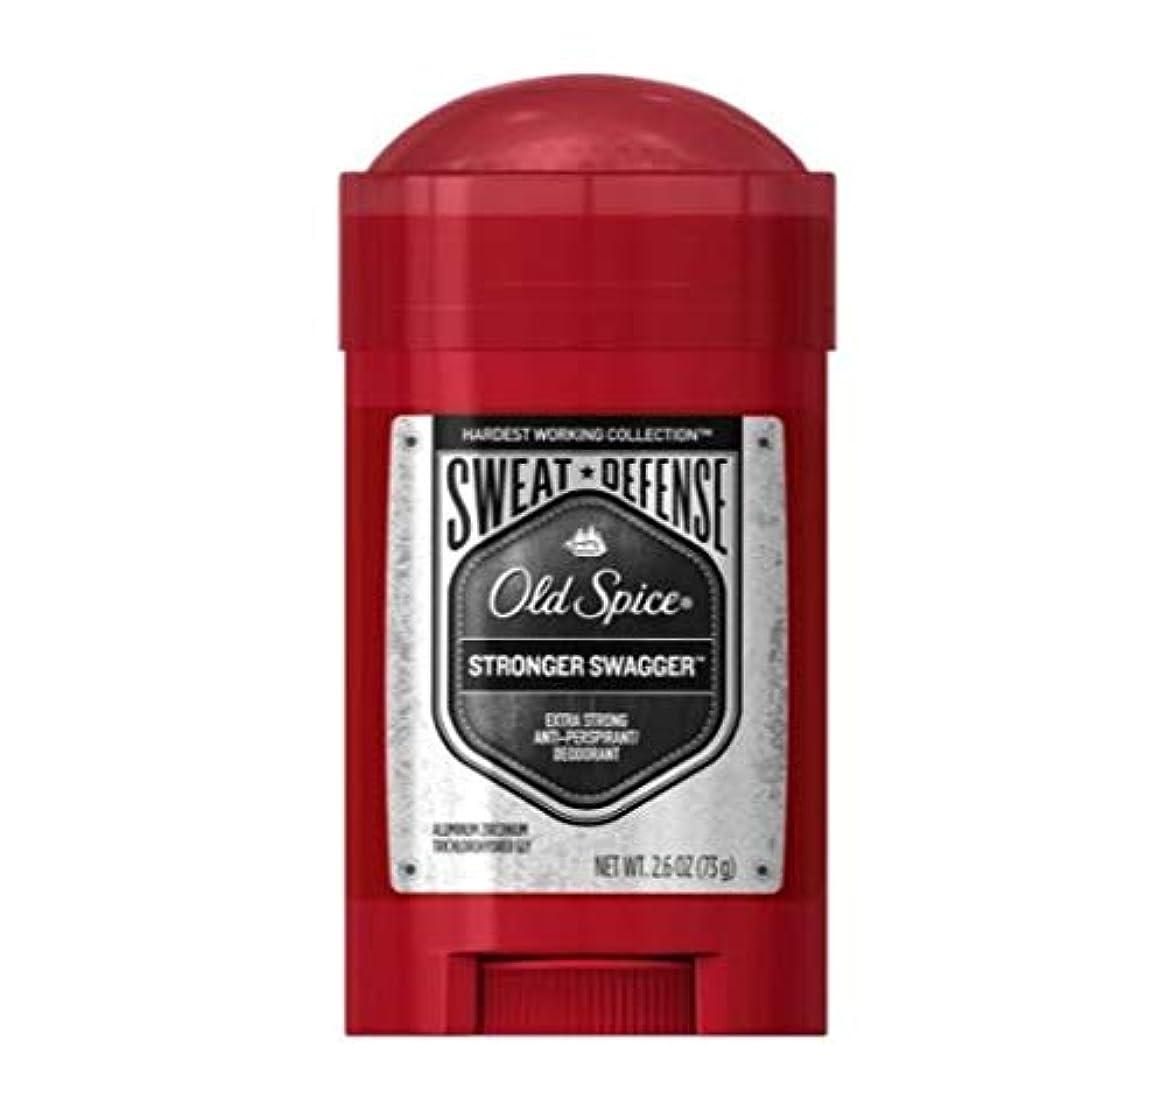 よろめく最も遠いギネスOld Spice Hardest Working Collection Sweat Defense Stronger Swagger Antiperspirant and Deodorant - 2.6oz オールドスパイス...